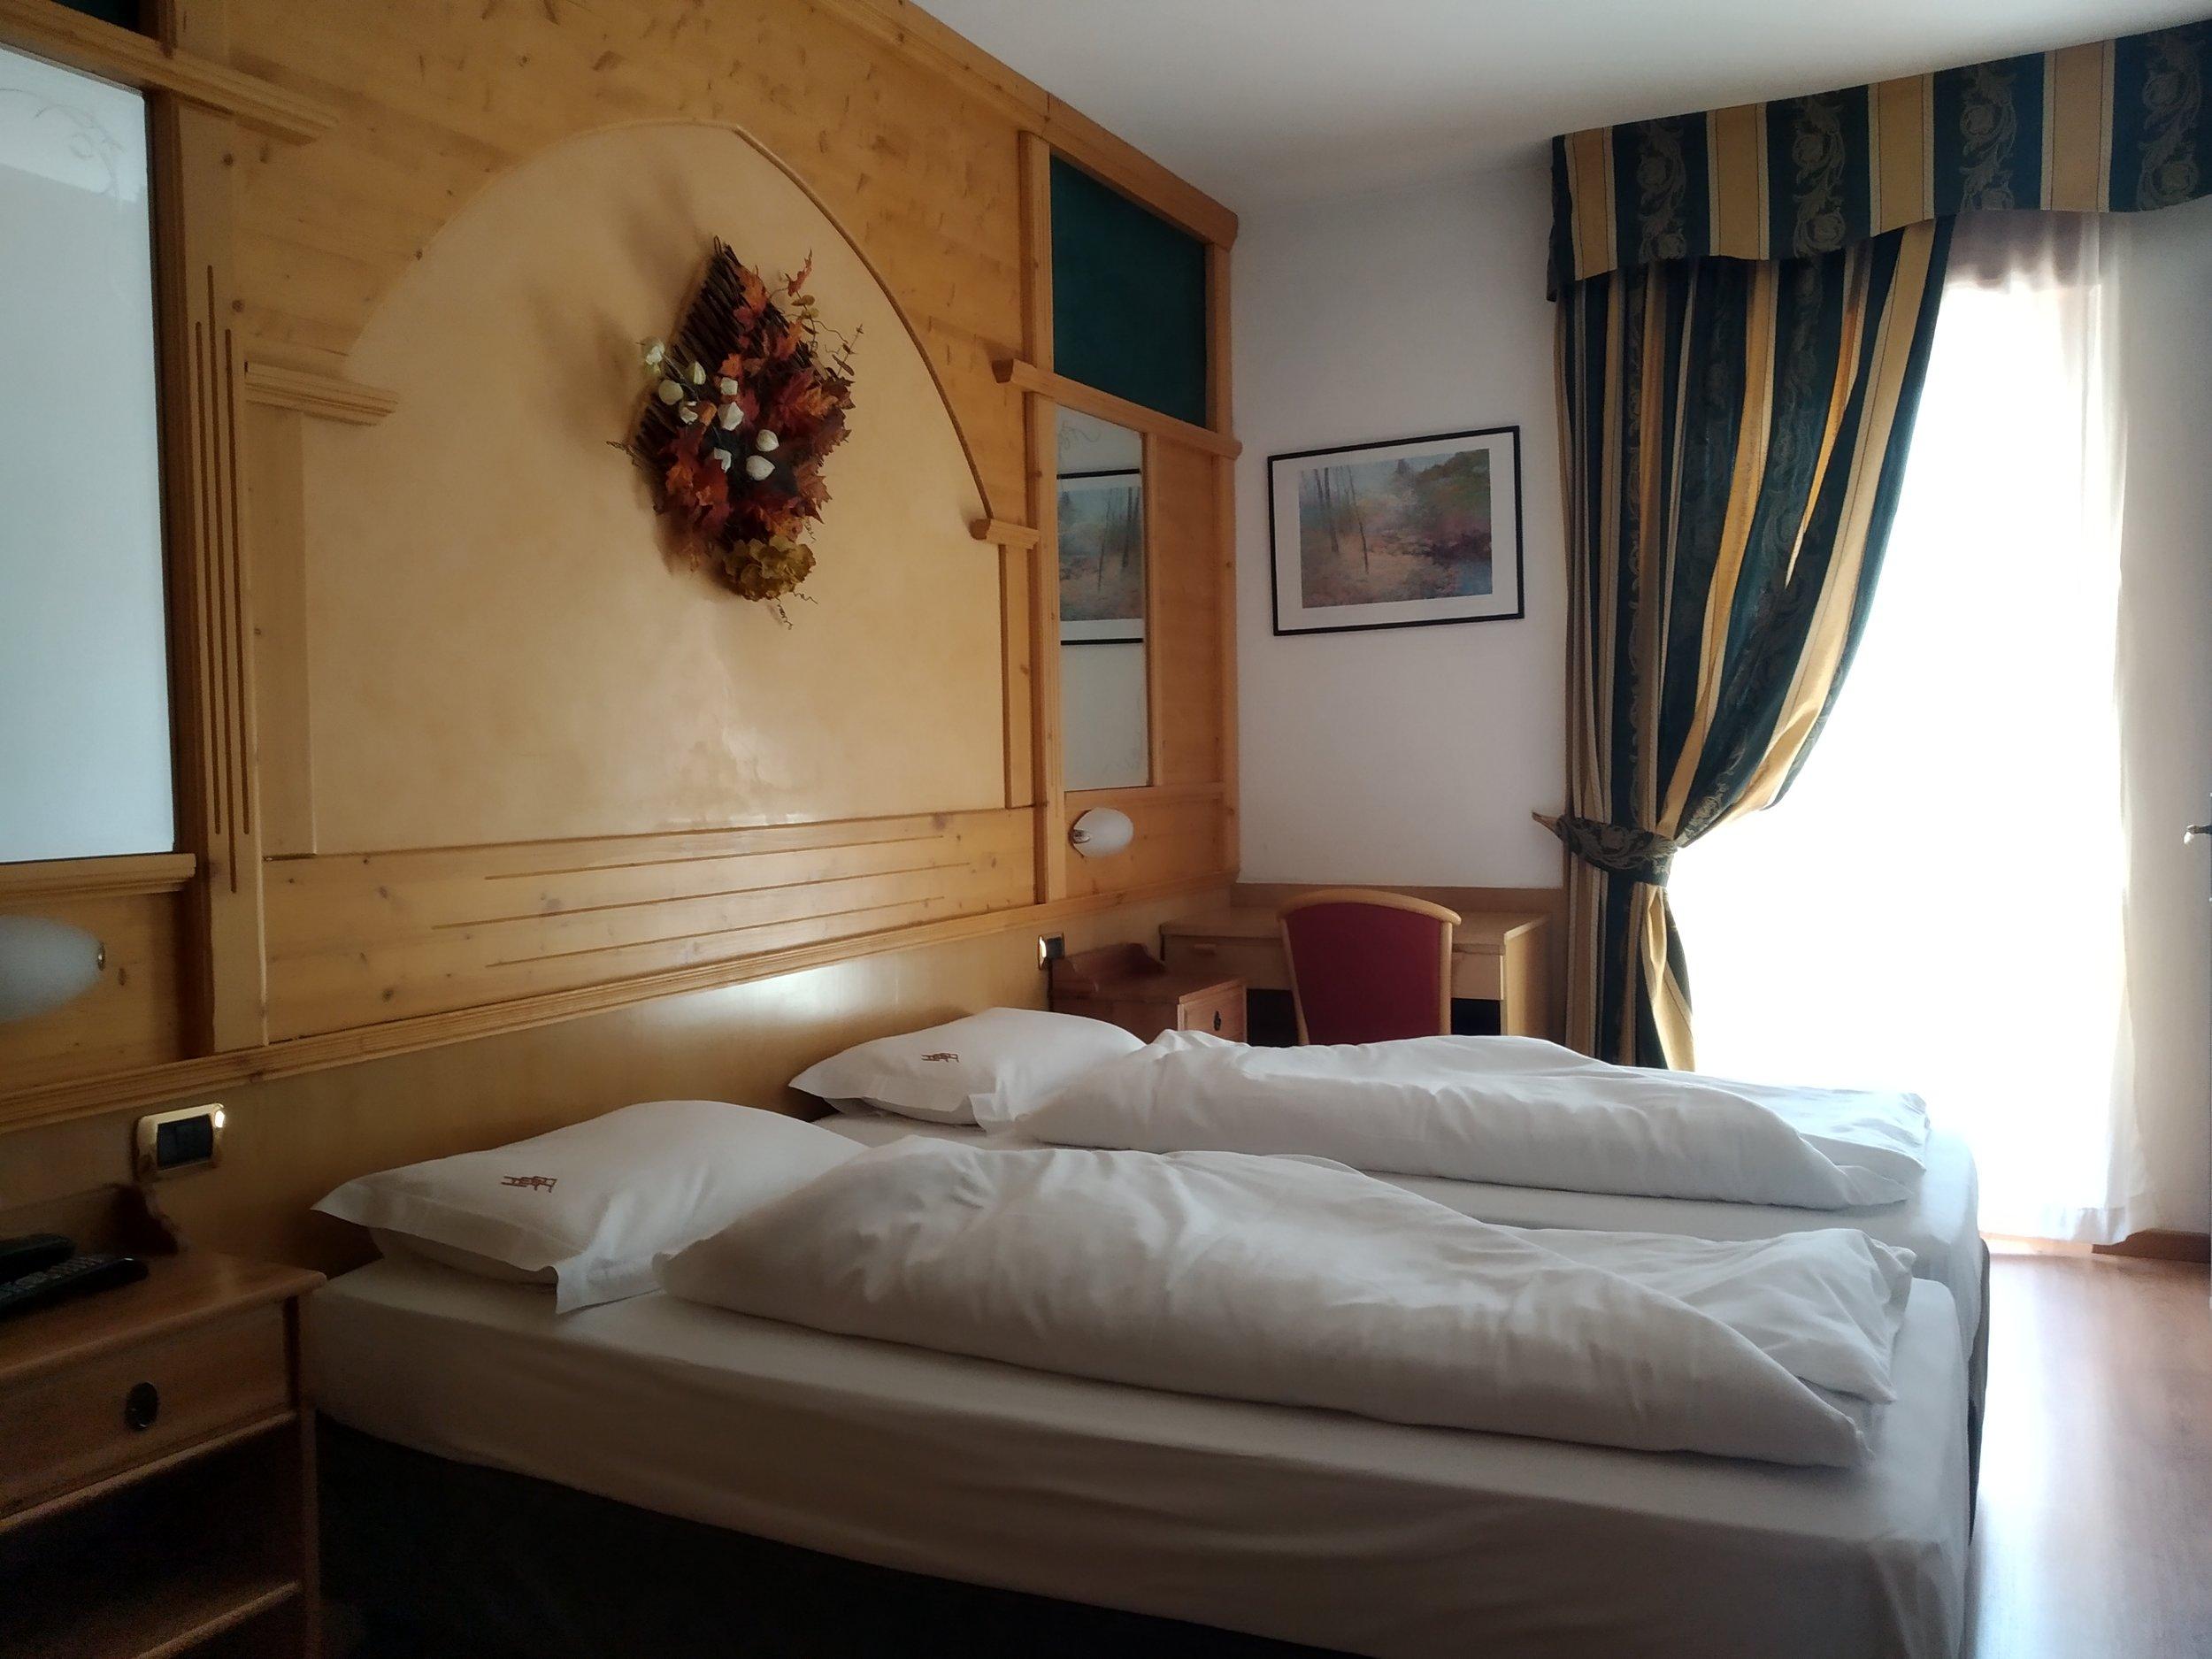 Camera matrimoniale standard - La camera combina caldi arredi di montagna con tutti i servizi, come Internet ad alta velocità, TV al plasma, asciugacapelli, servizi privati con set di cortesia, cassaforte e balcone.